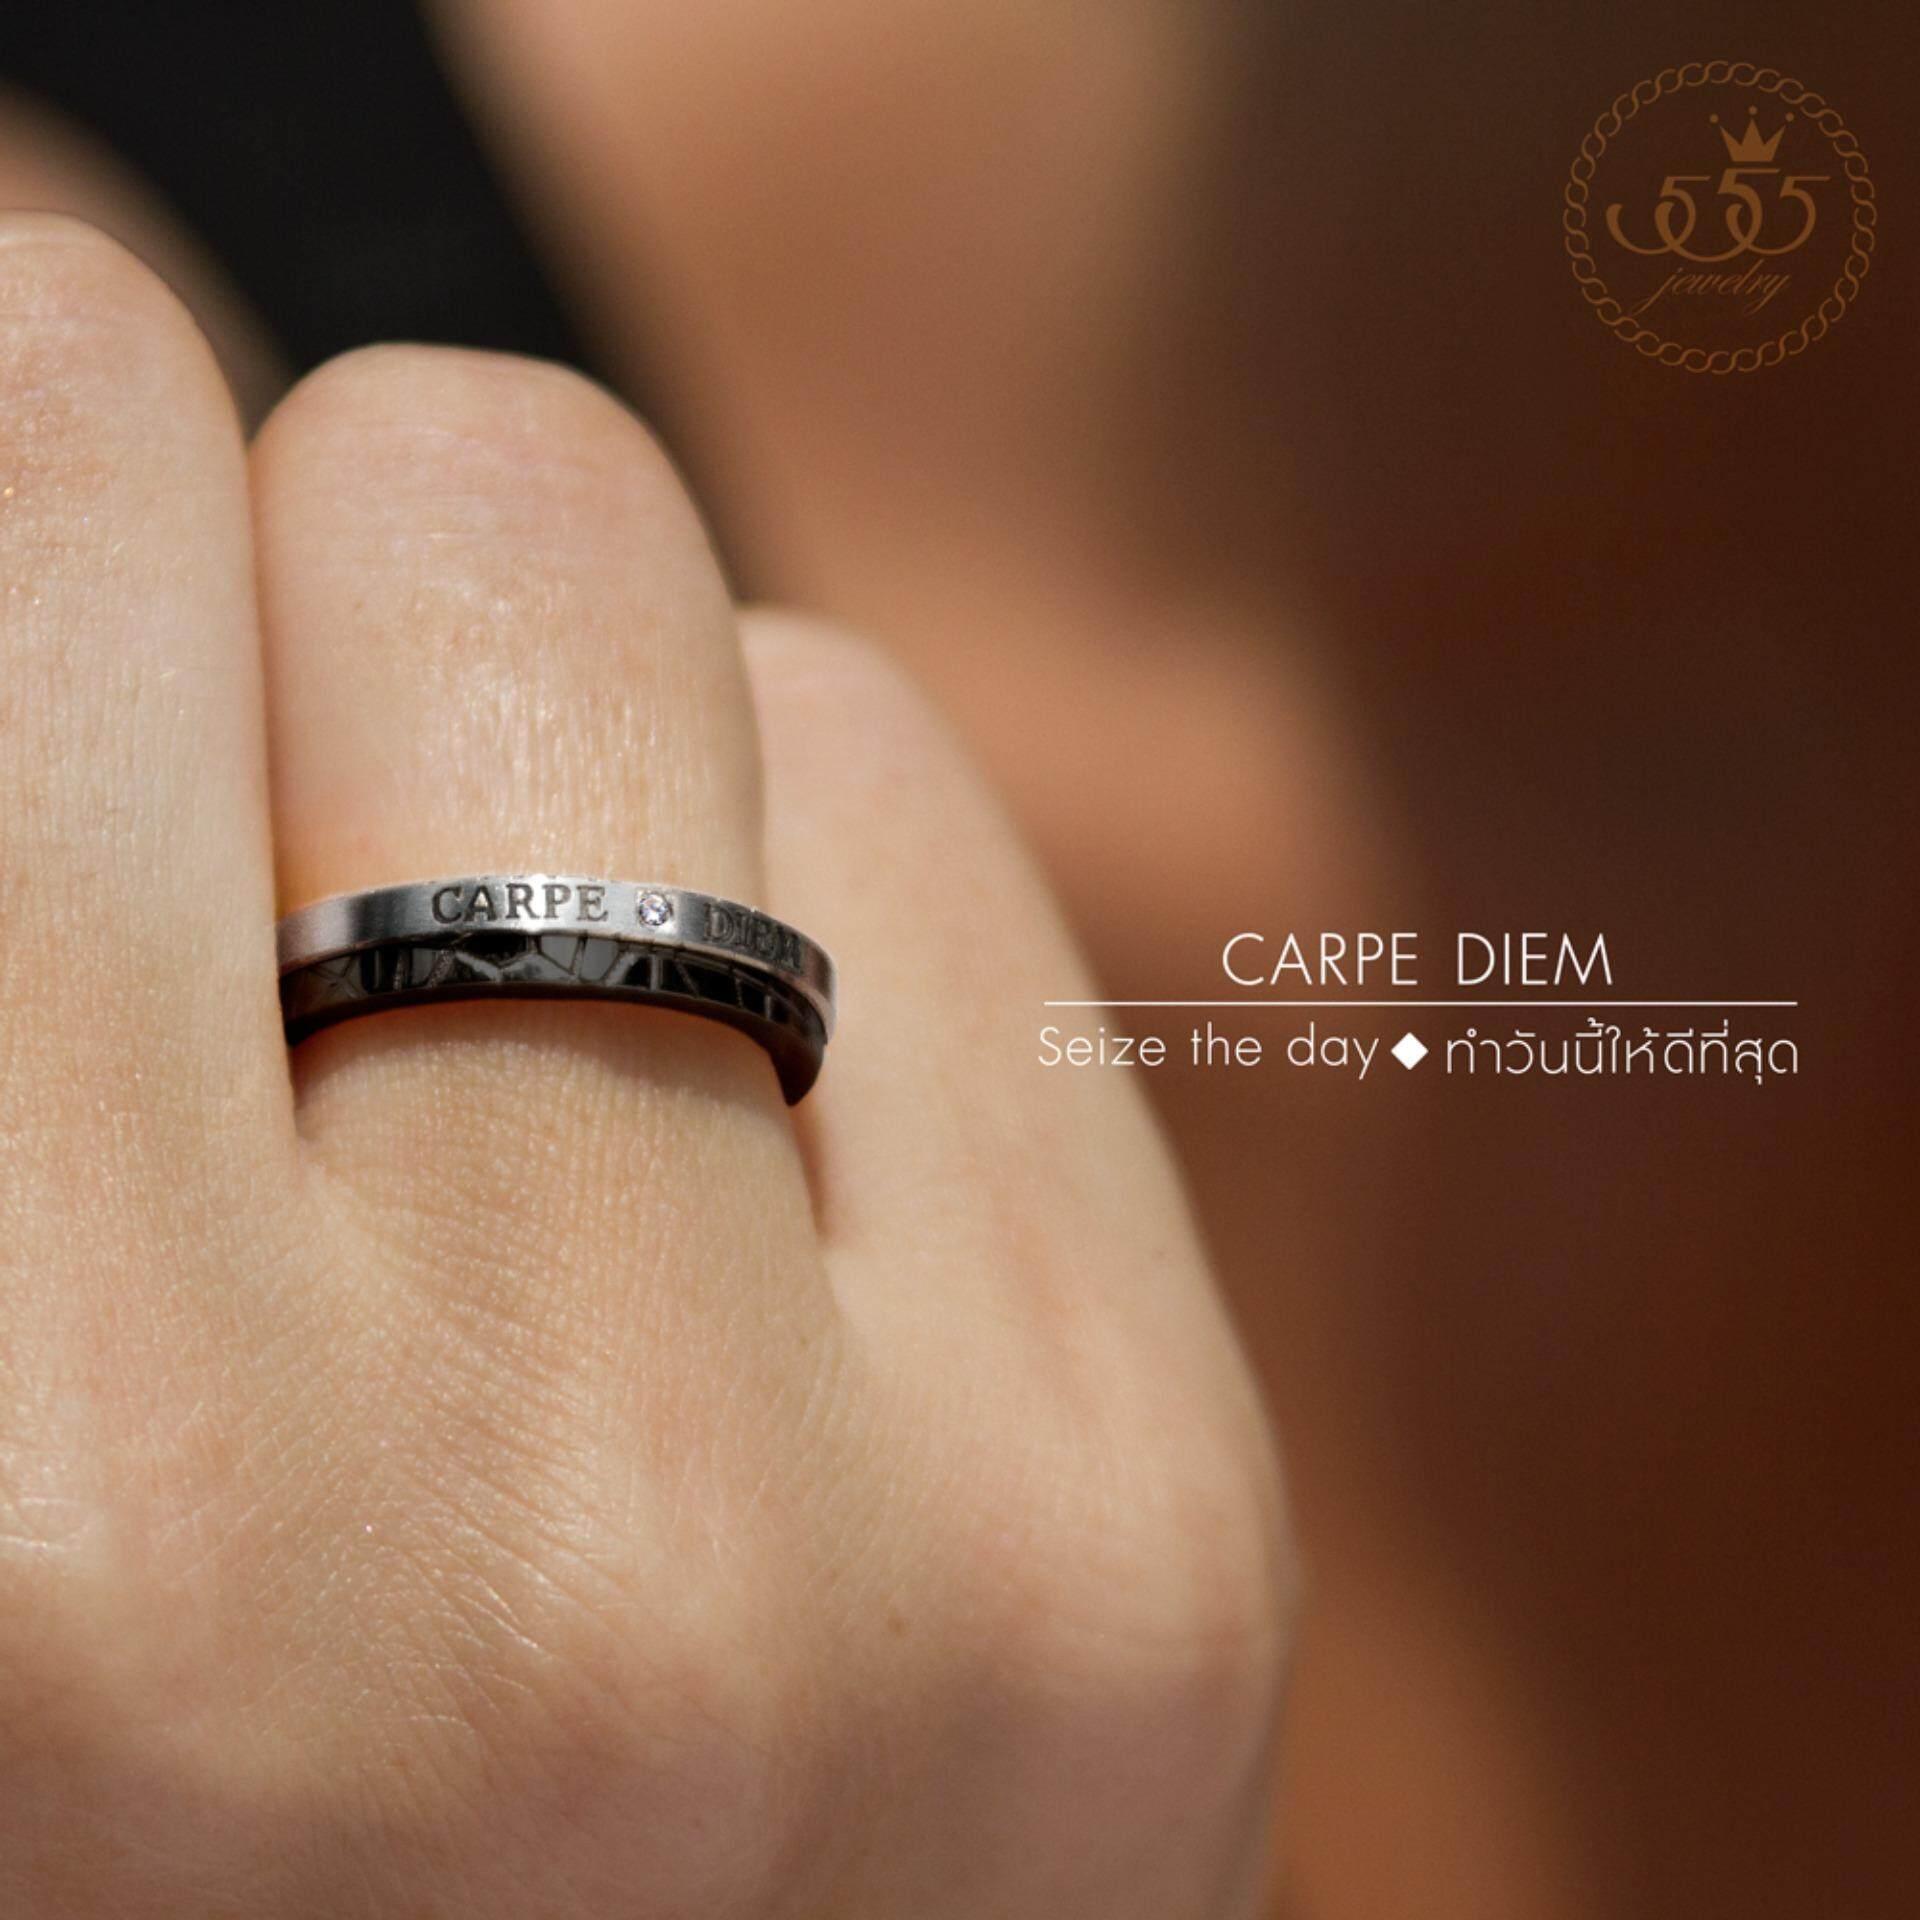 ขาย 555Jewelry แหวนเเฟชั่น รุ่น Mnr 198T D Black แหวนผู้หญิง แหวนคู่ แหวนคู่รัก เครื่องประดับ แหวนผู้ชาย แหวนแฟชั่น 555Jewelry ผู้ค้าส่ง